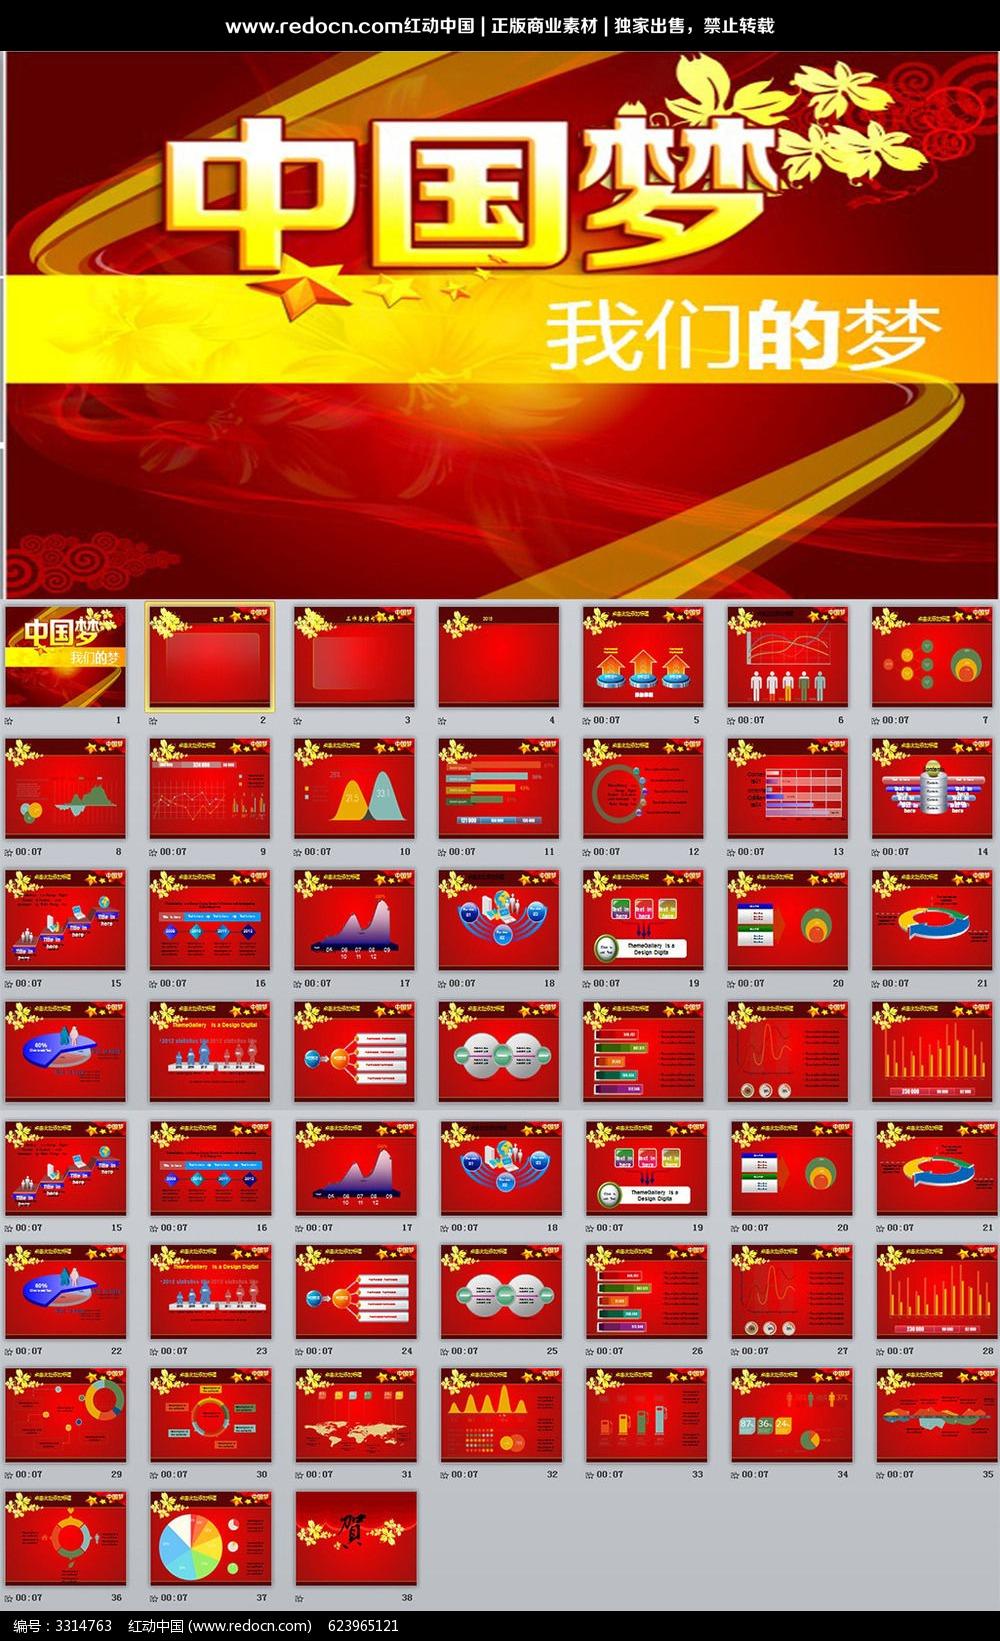 红色中国梦ppt模板_ppt模板/ppt背景图片图片素材